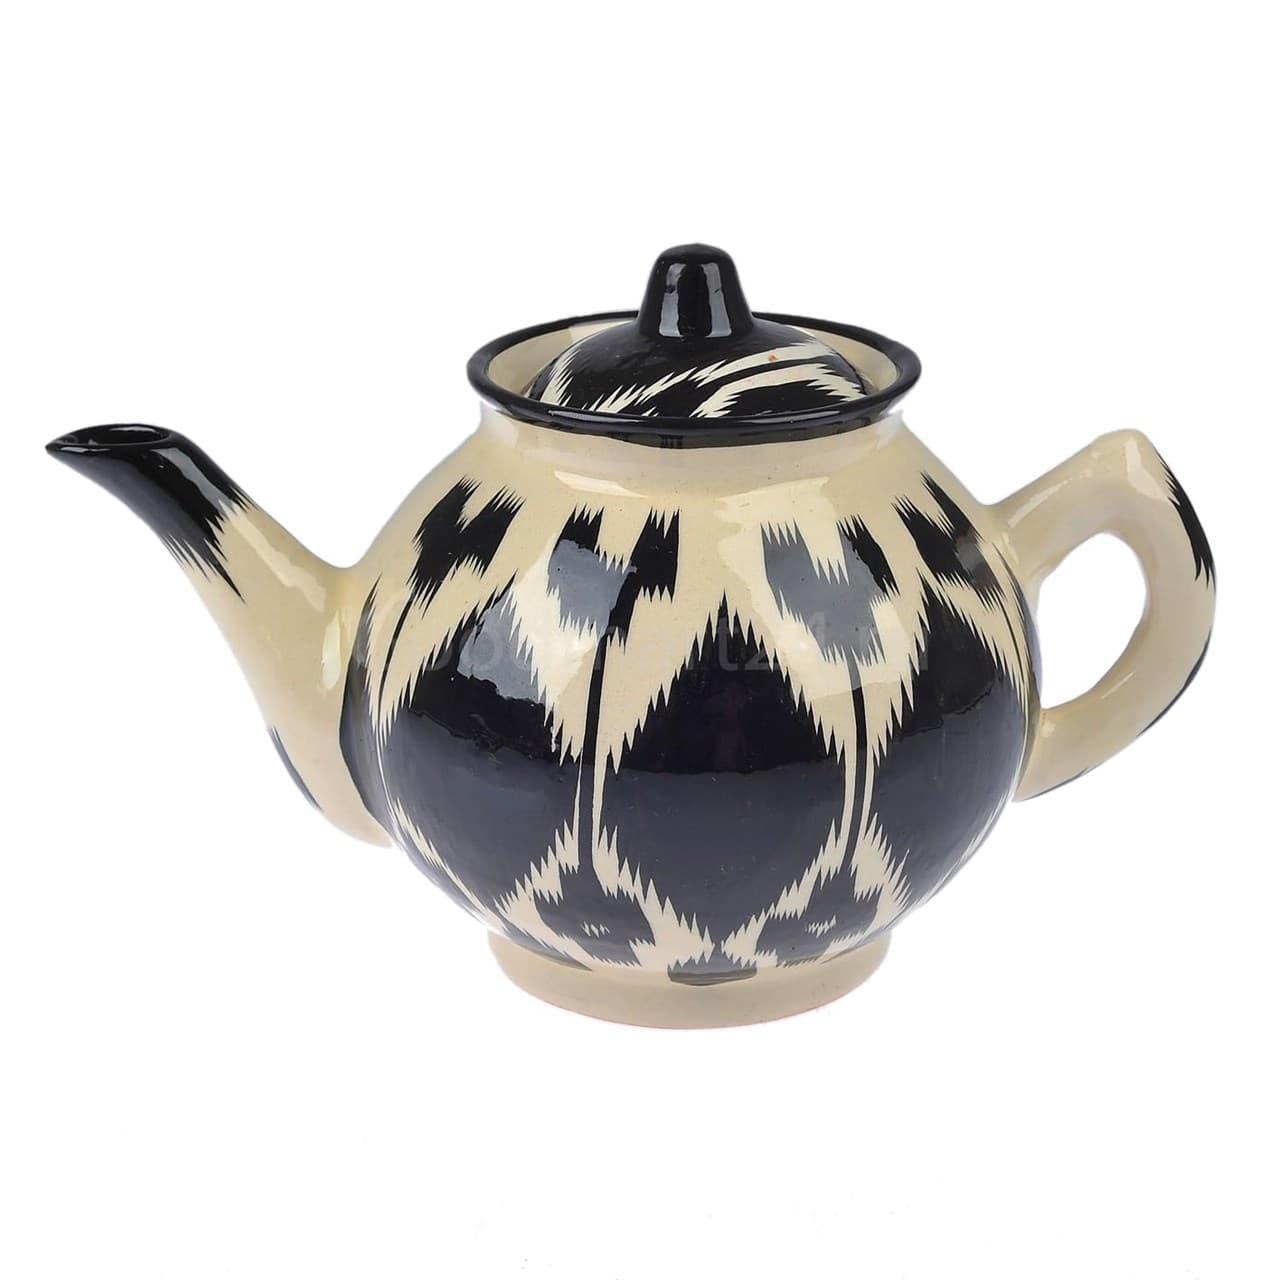 Чайник Риштанская Керамика 1 литр Чёрный Атлас - фото 9408